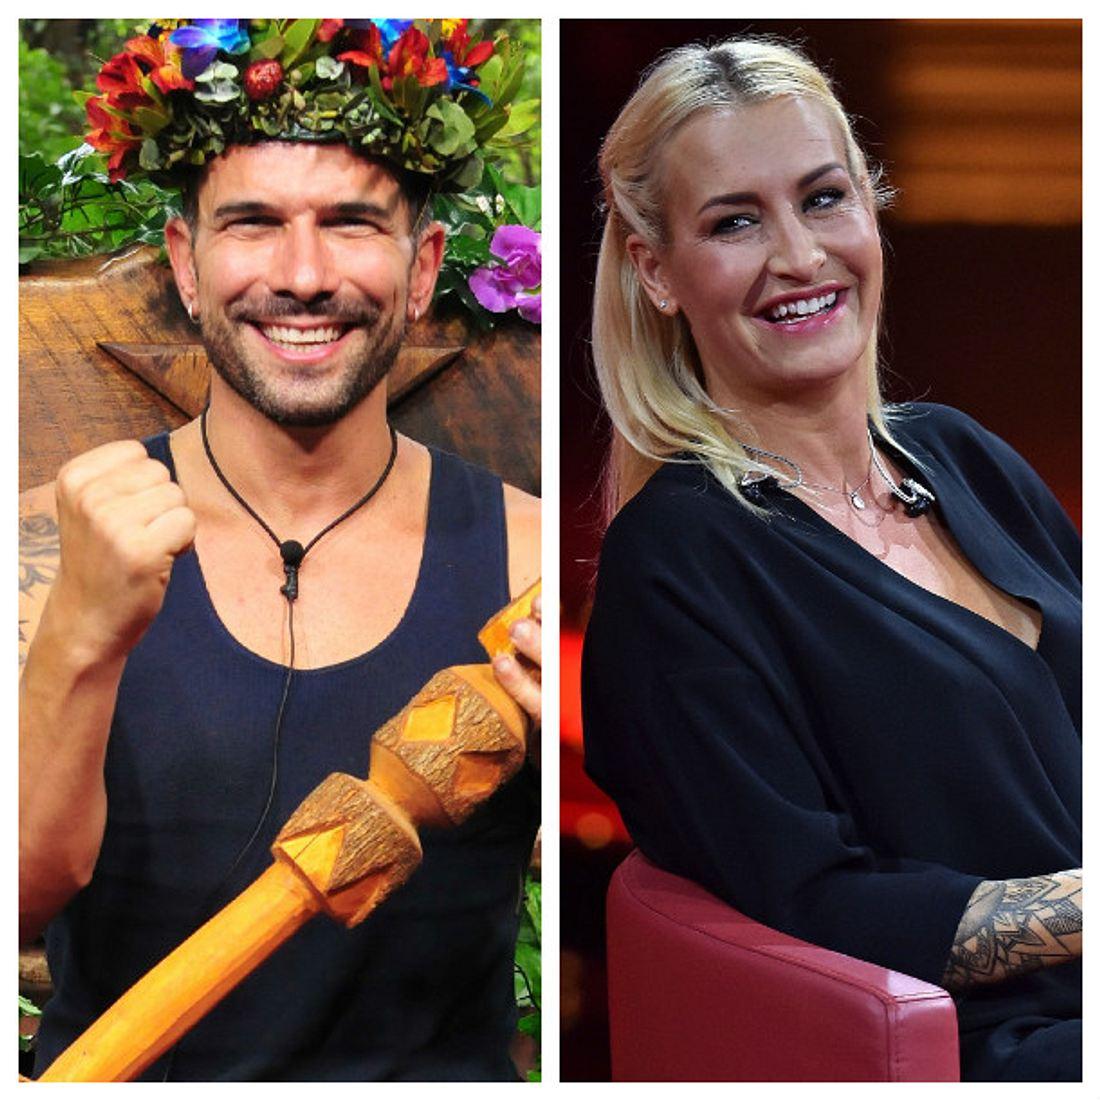 Marc Terenzi ist Dschungelkönig und Sarah Connor freut sich für ihn